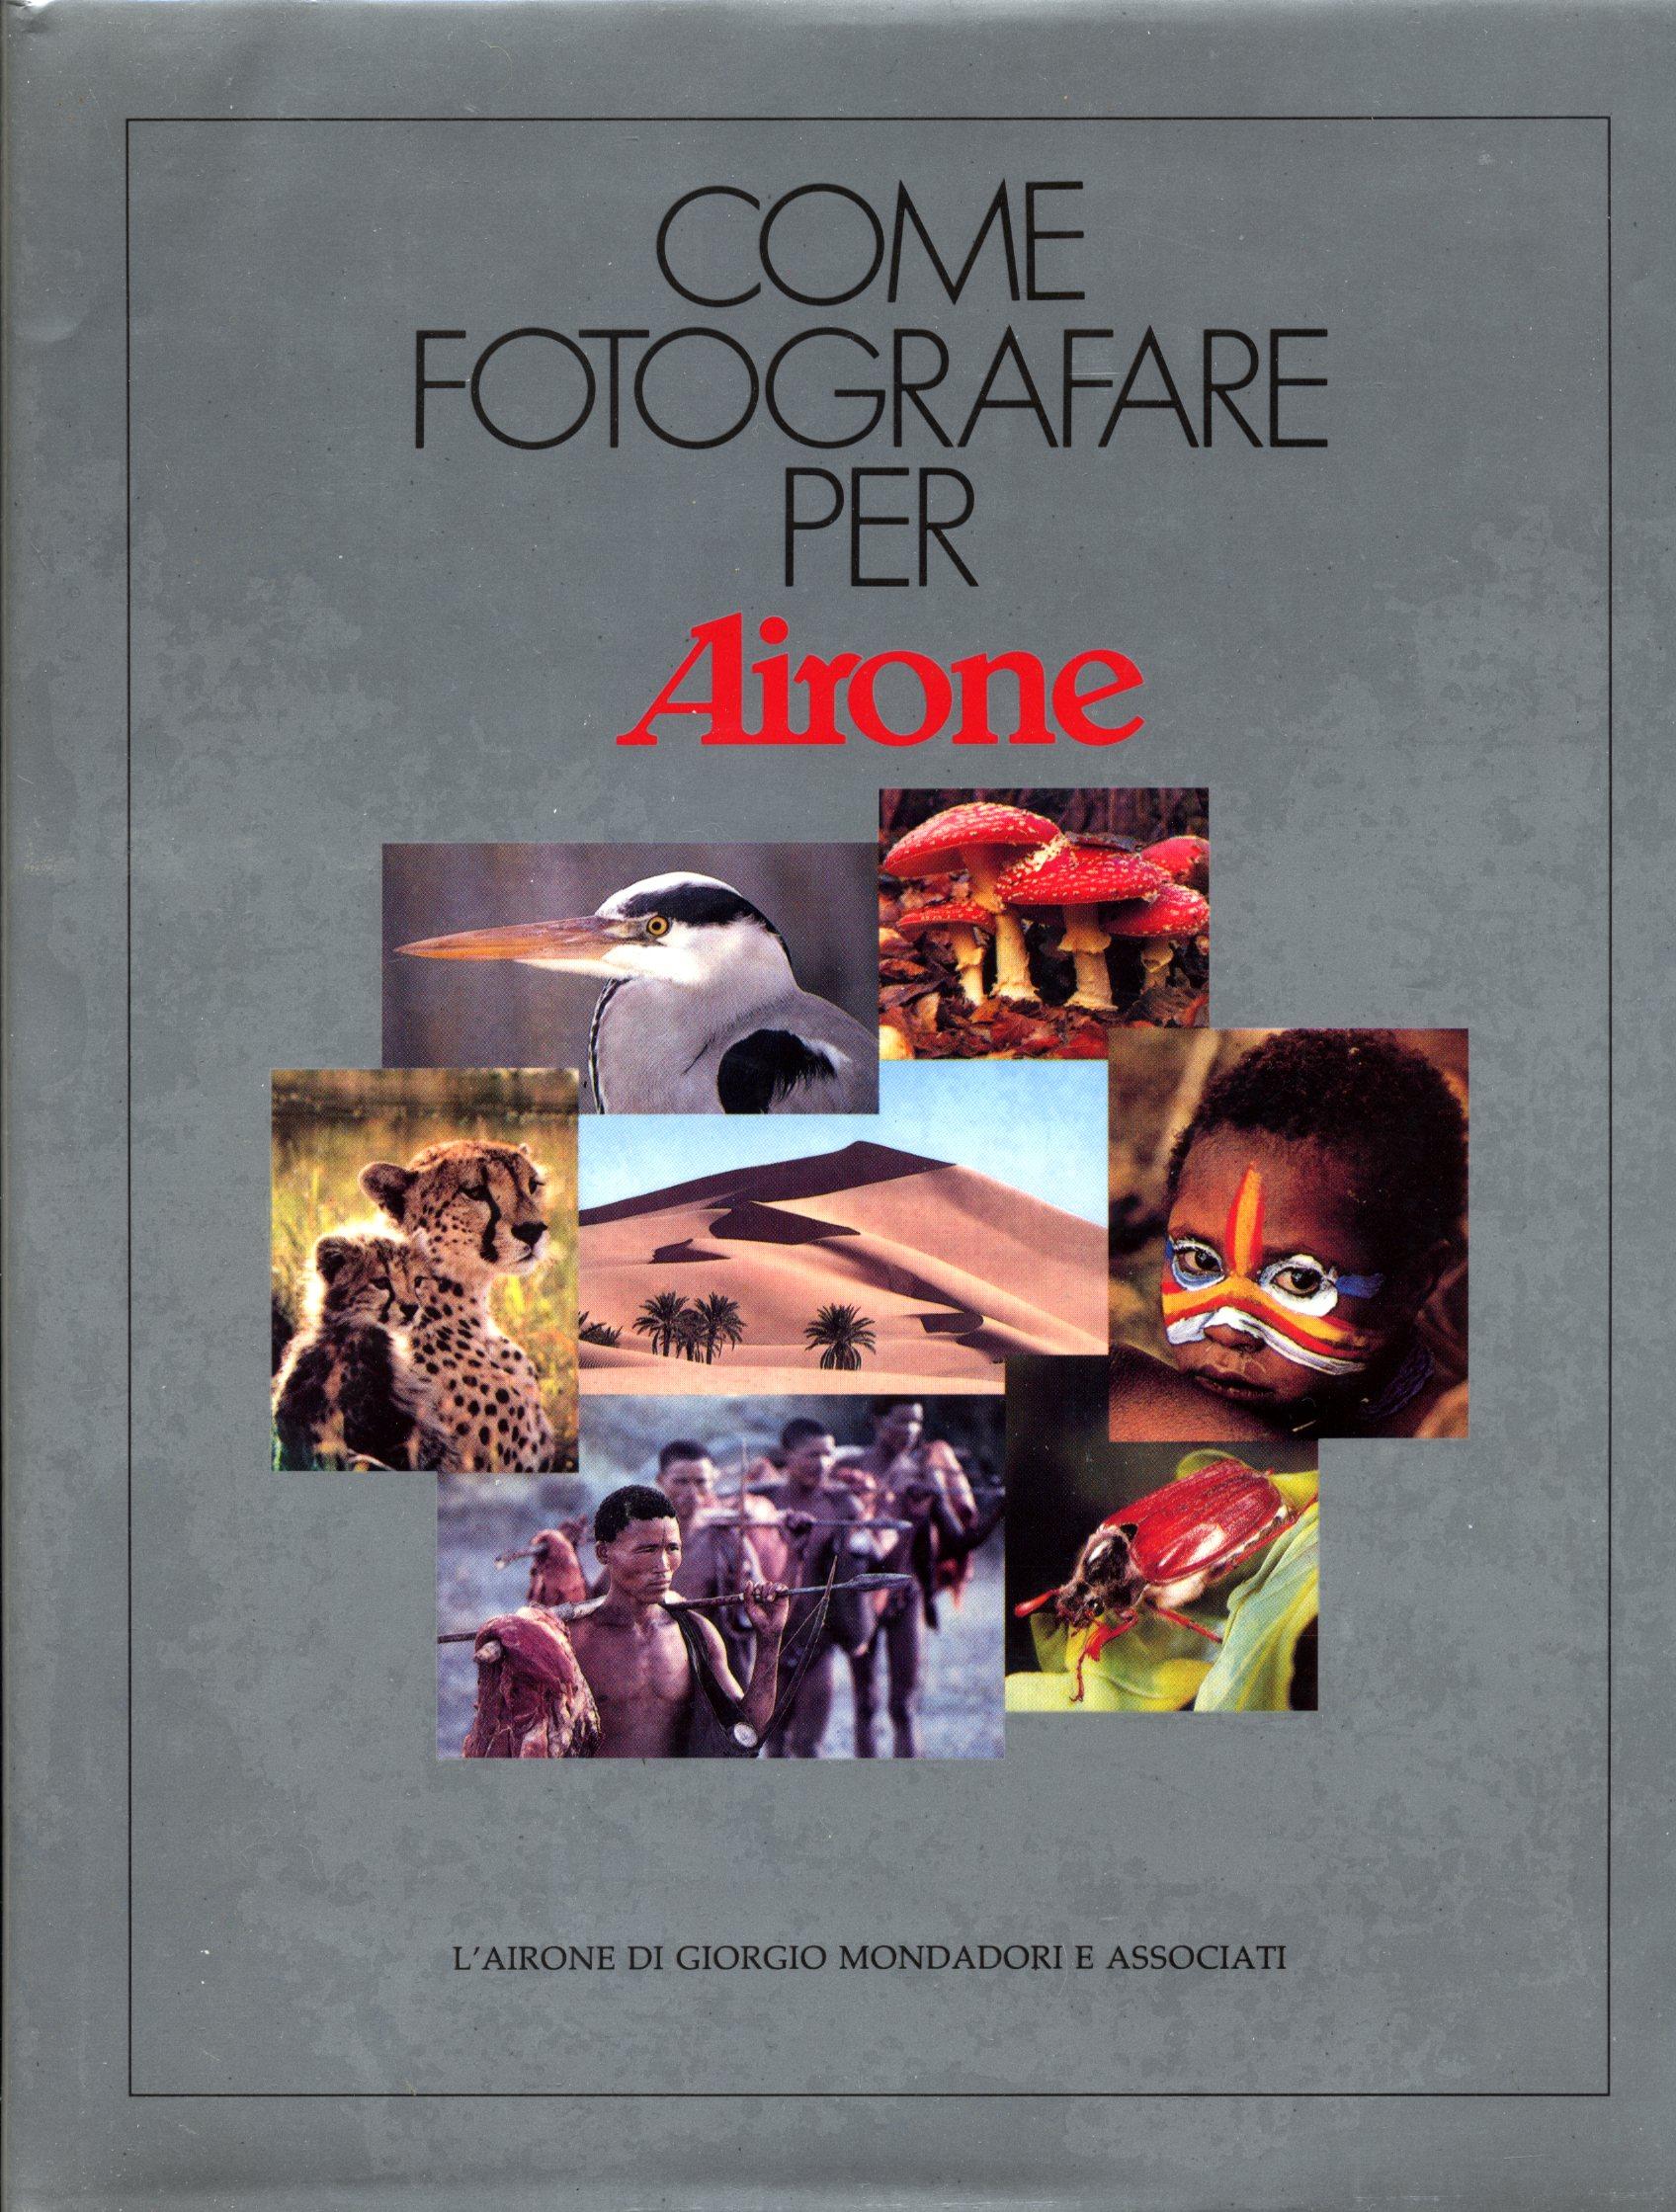 Come fotografare per Airone